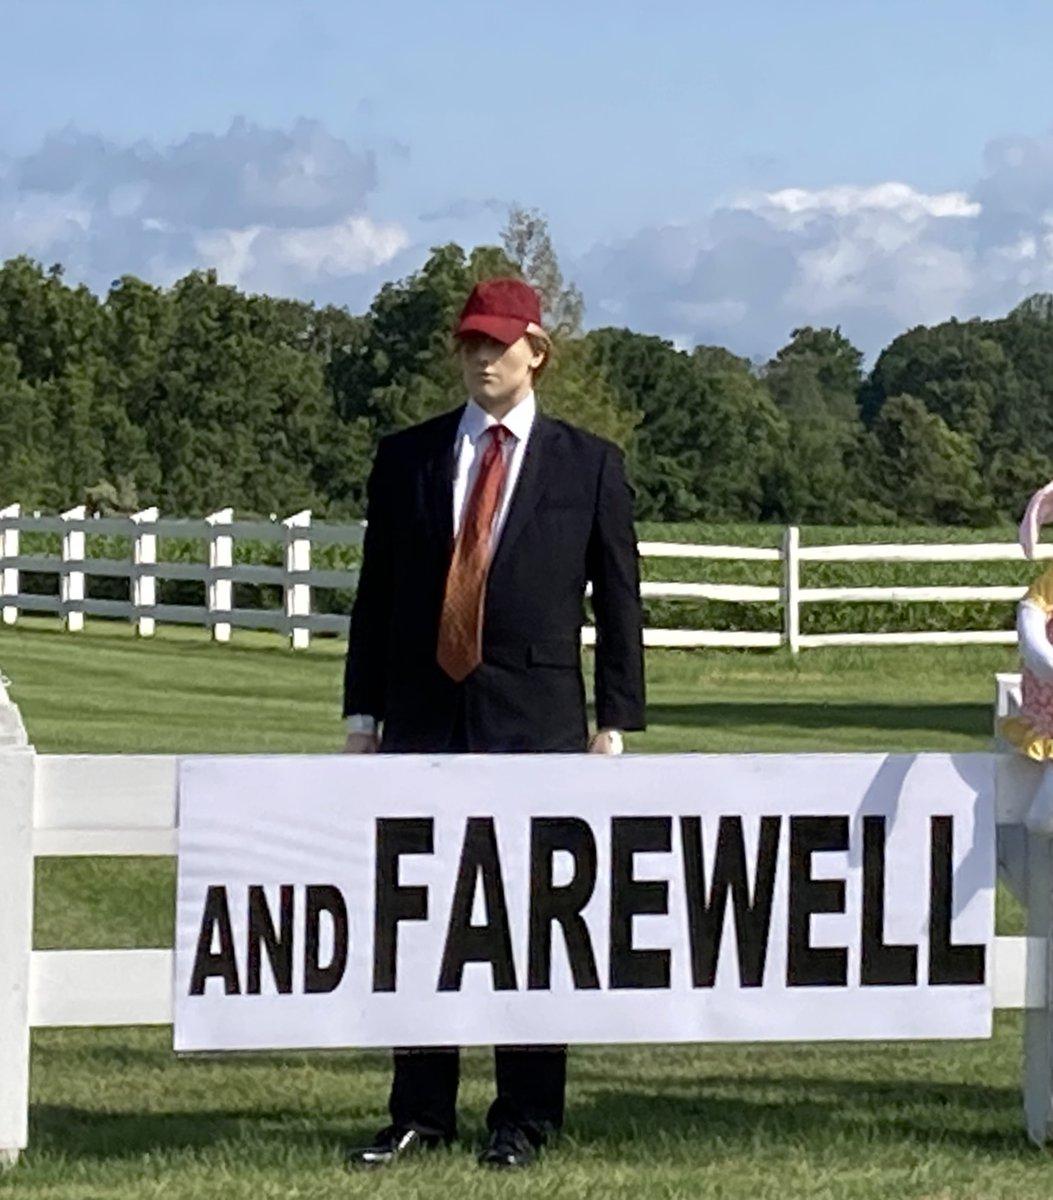 @MeidasTouch #GoodbyeDonnie